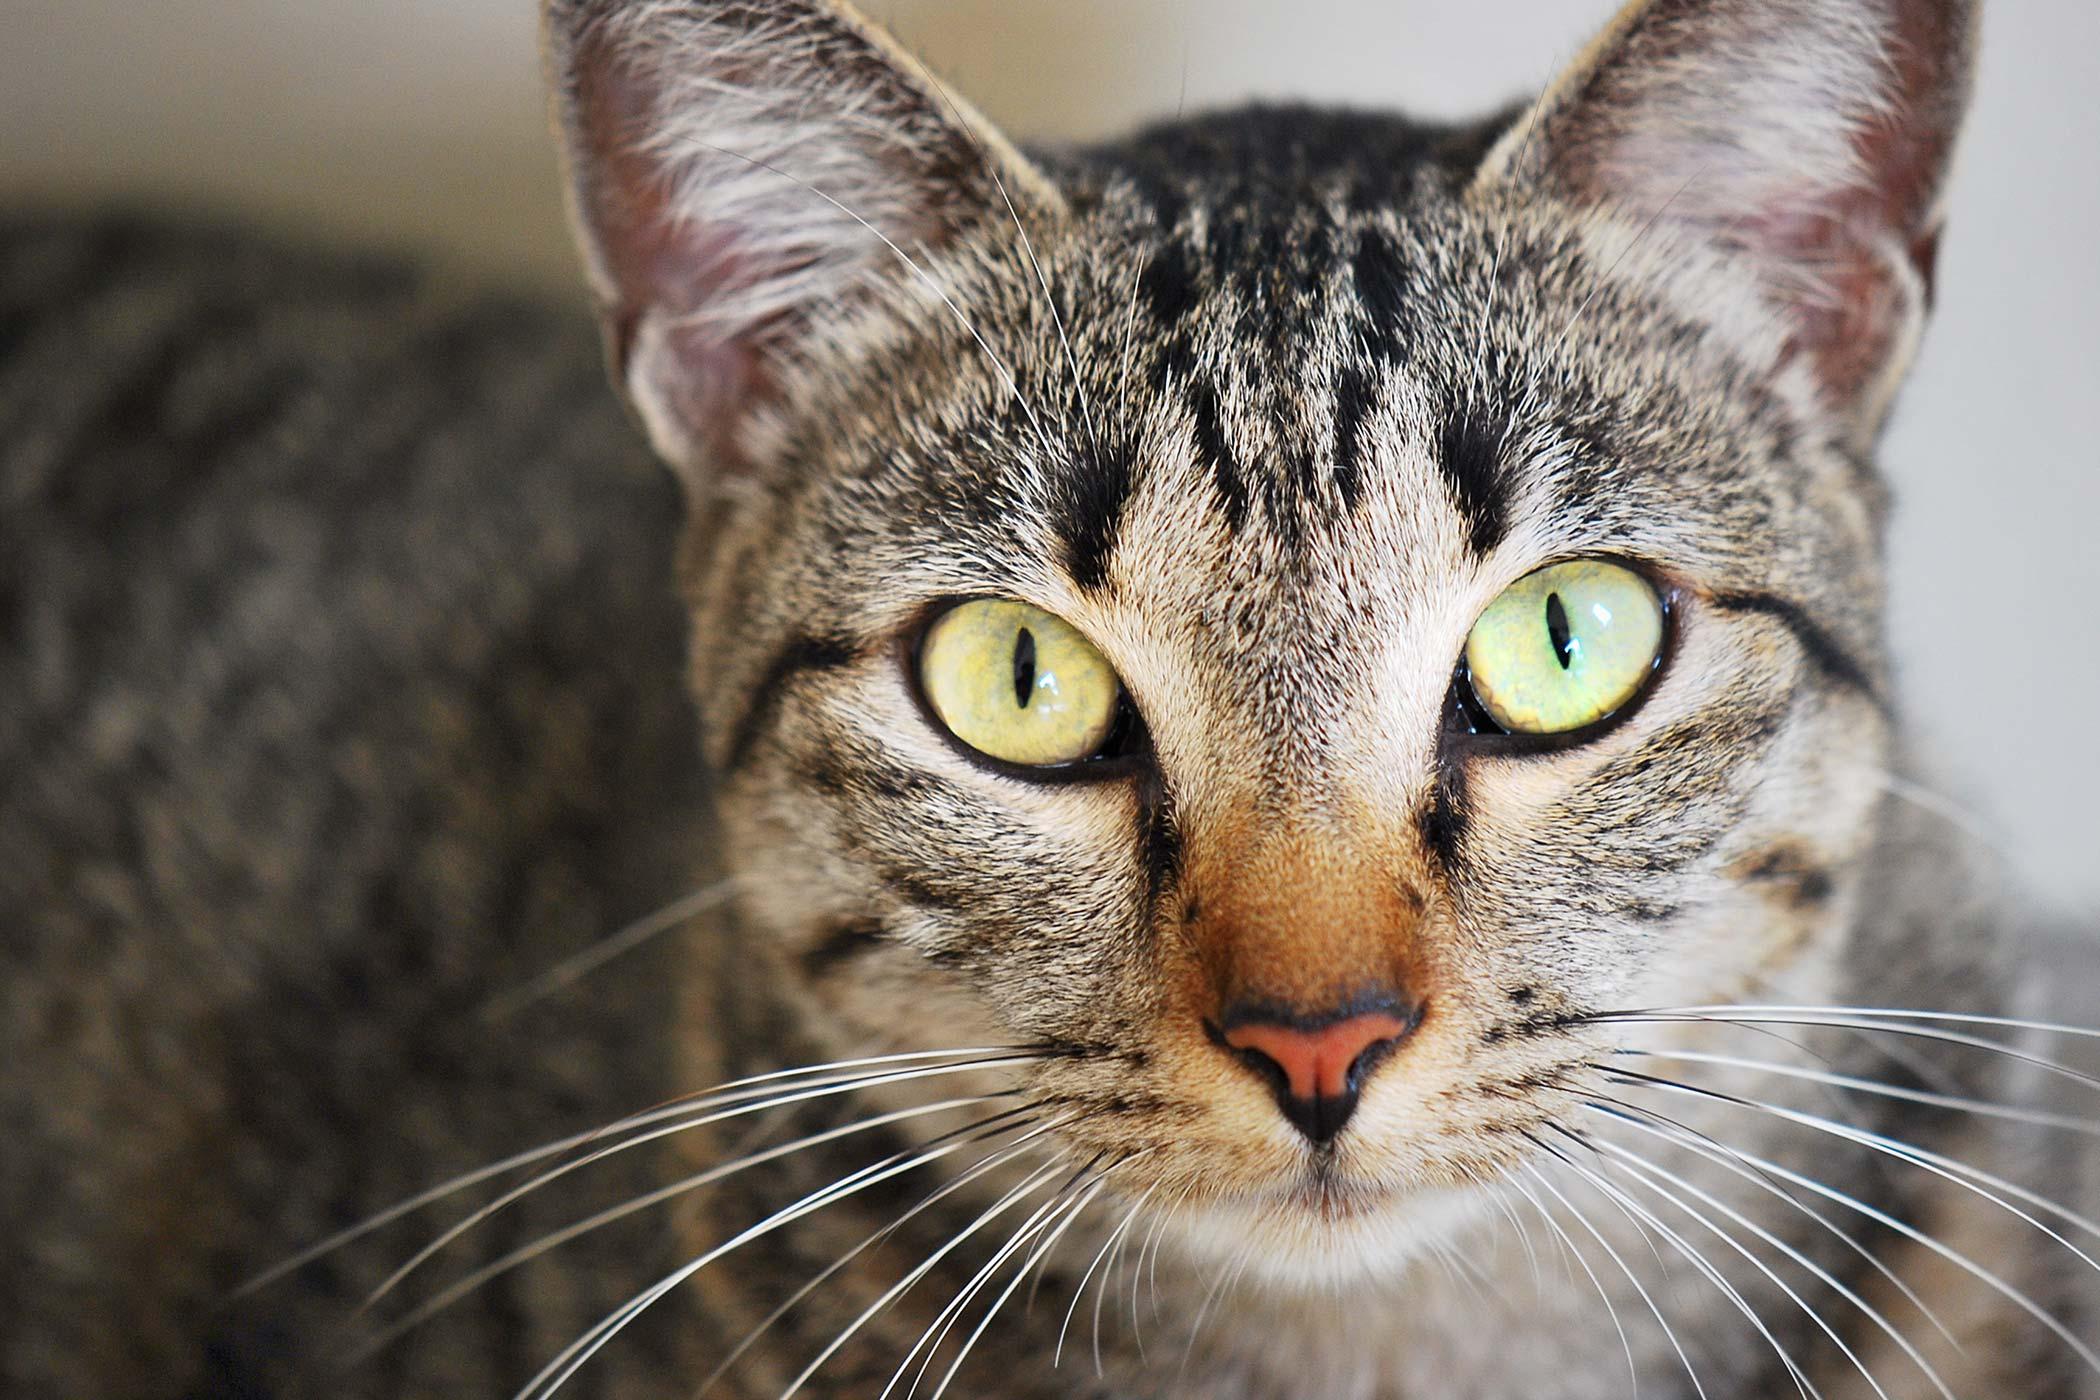 Retinal Bleeding in Cats